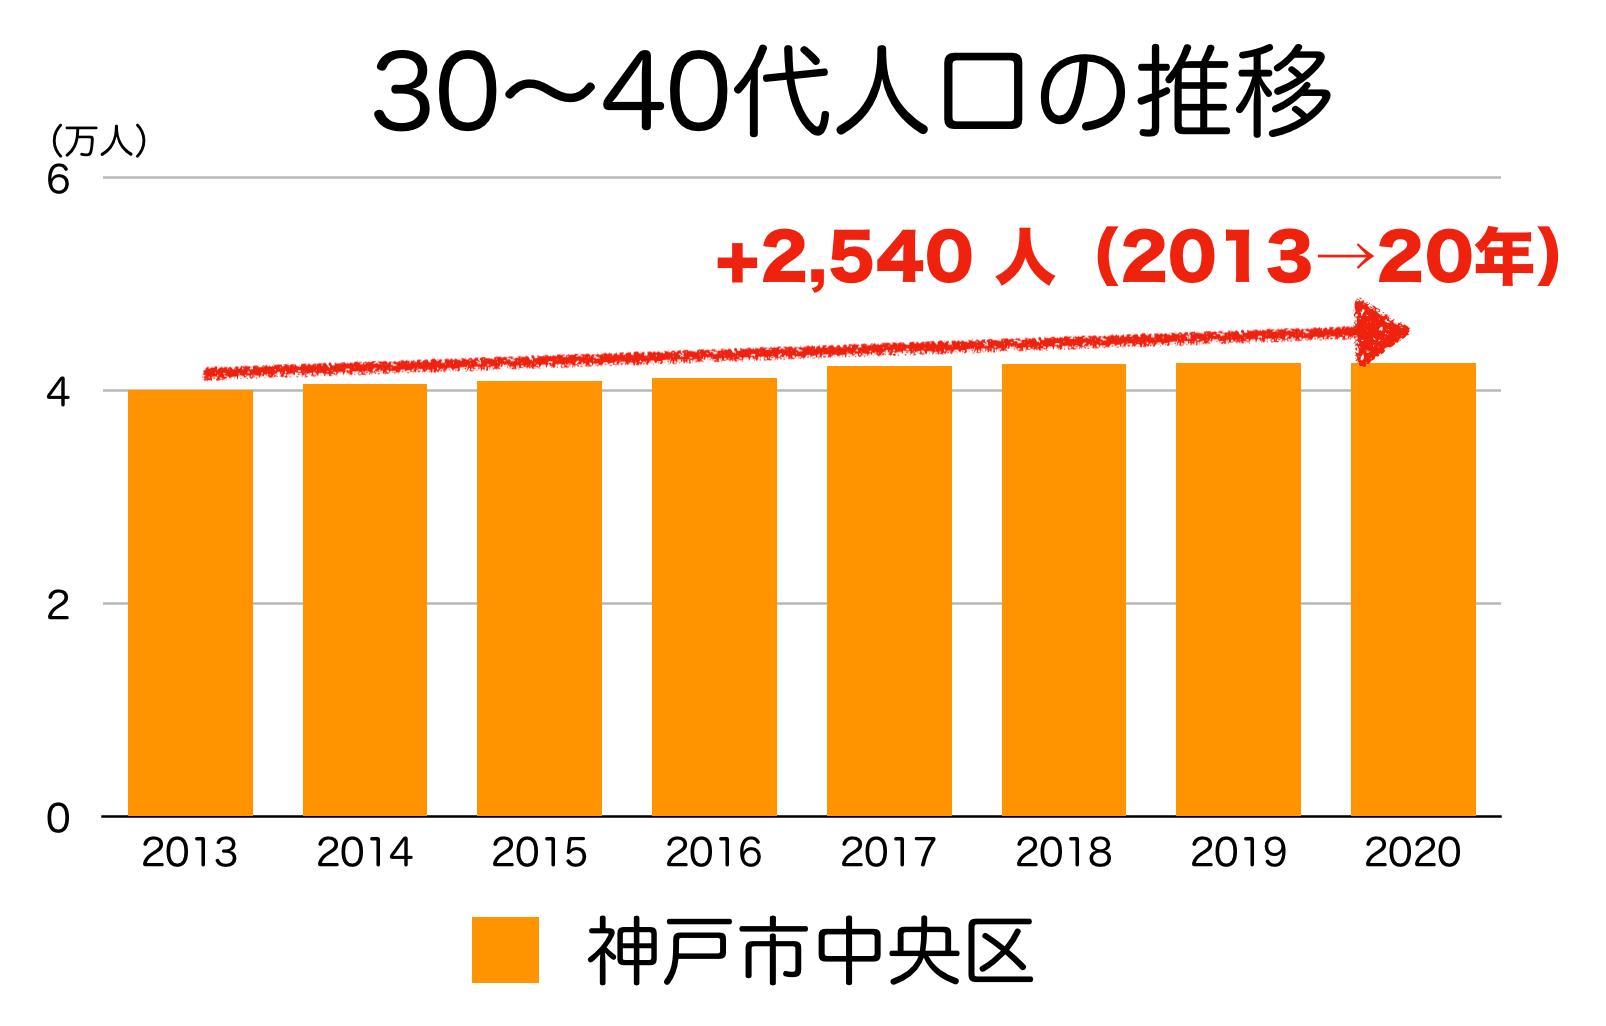 神戸市中央区の30〜40代人口の推移